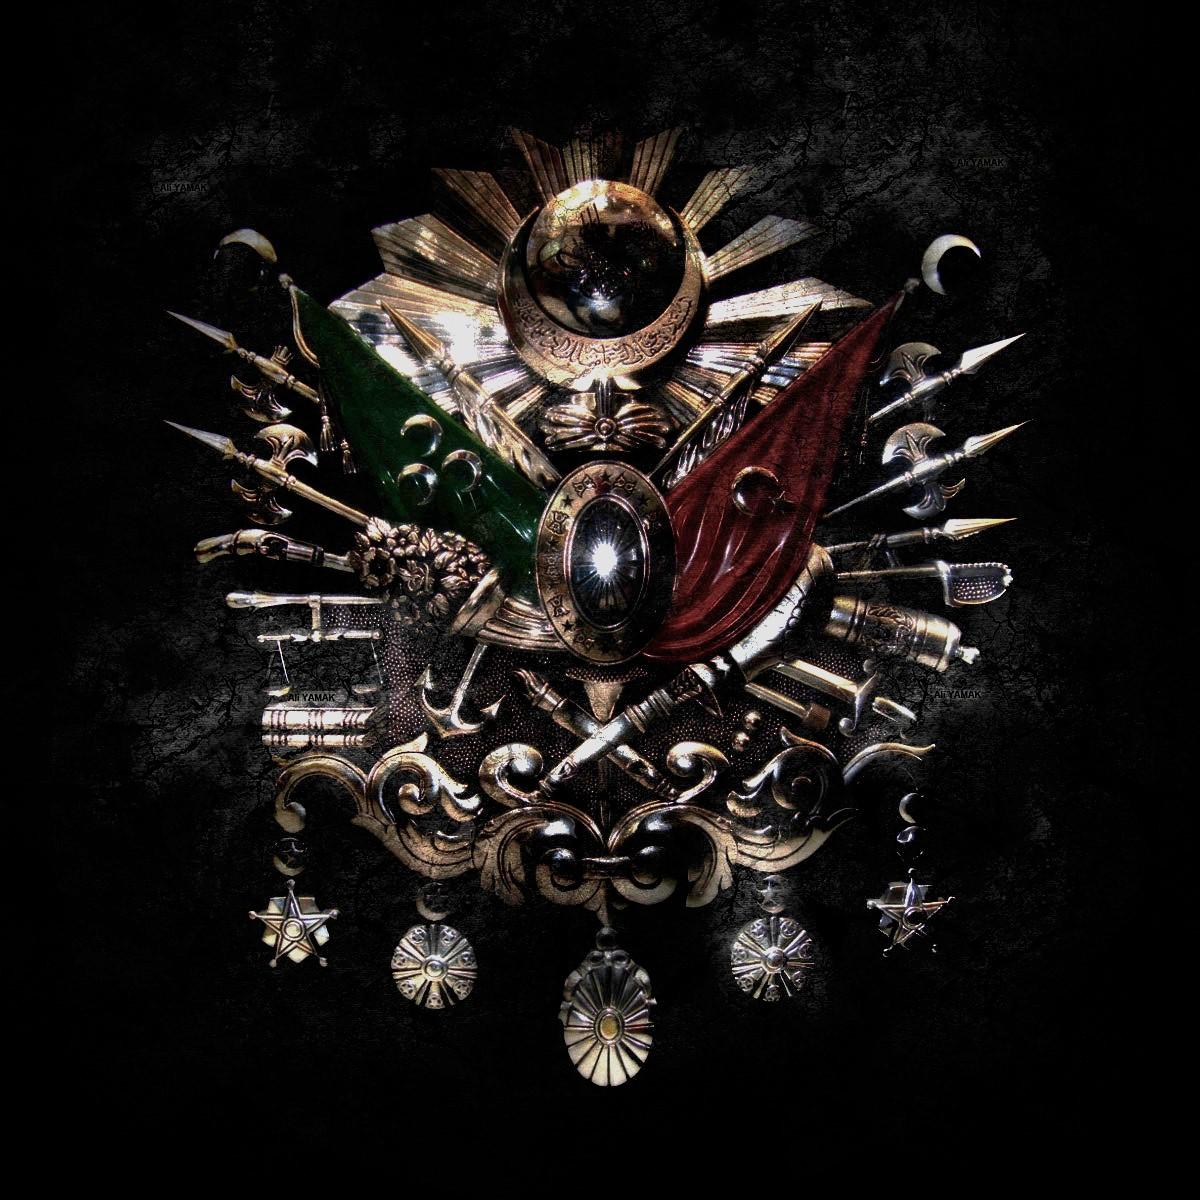 817157_19ac02c69bf74b13aef39453891c89f0 Osmanlı'da, İslam'ın İnsan ve Devlet Anlayışı Hakimdi...